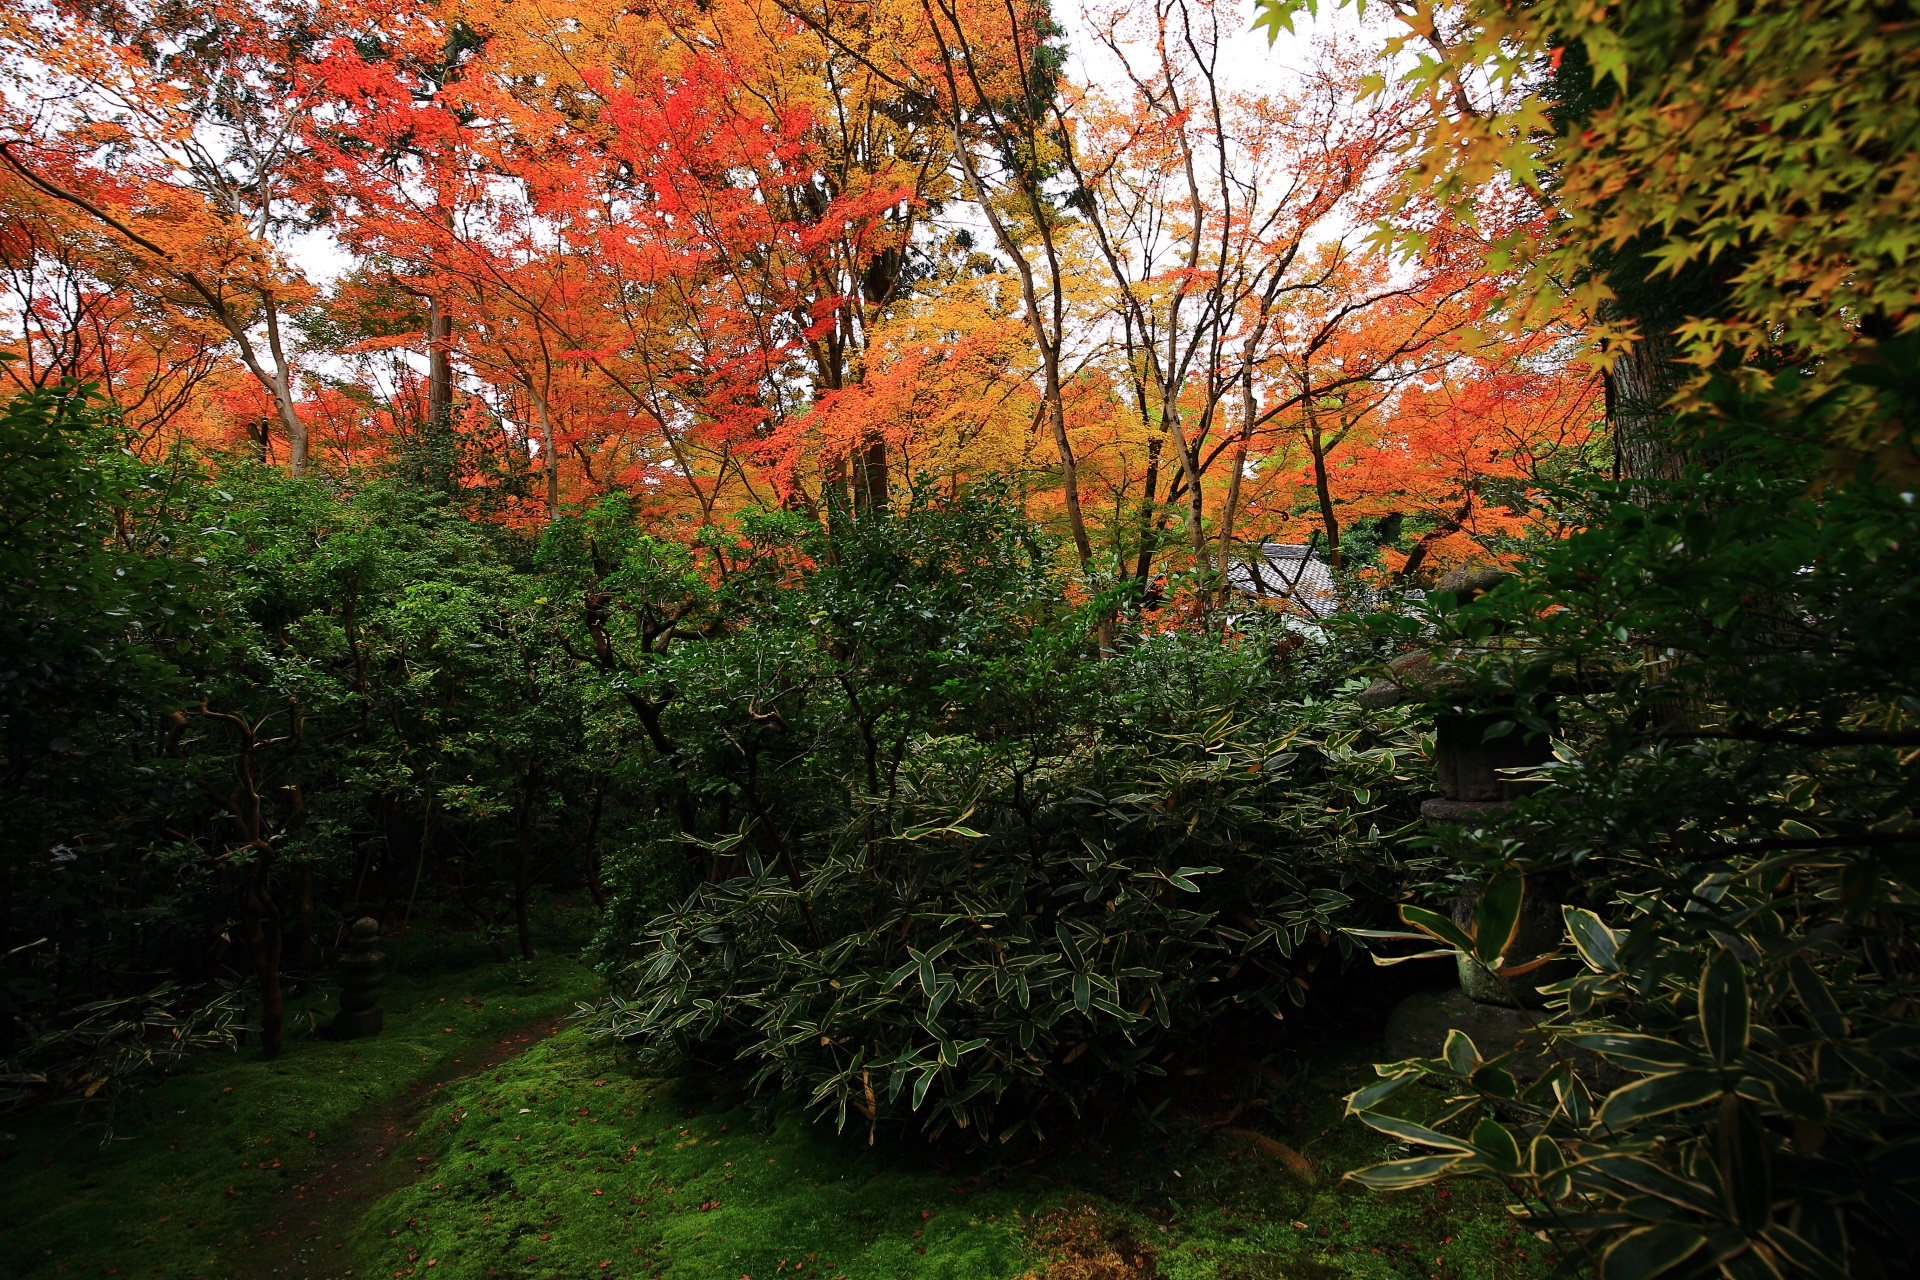 鮮やかな紅葉と多種多様な緑で溢れる秋の含翆庭